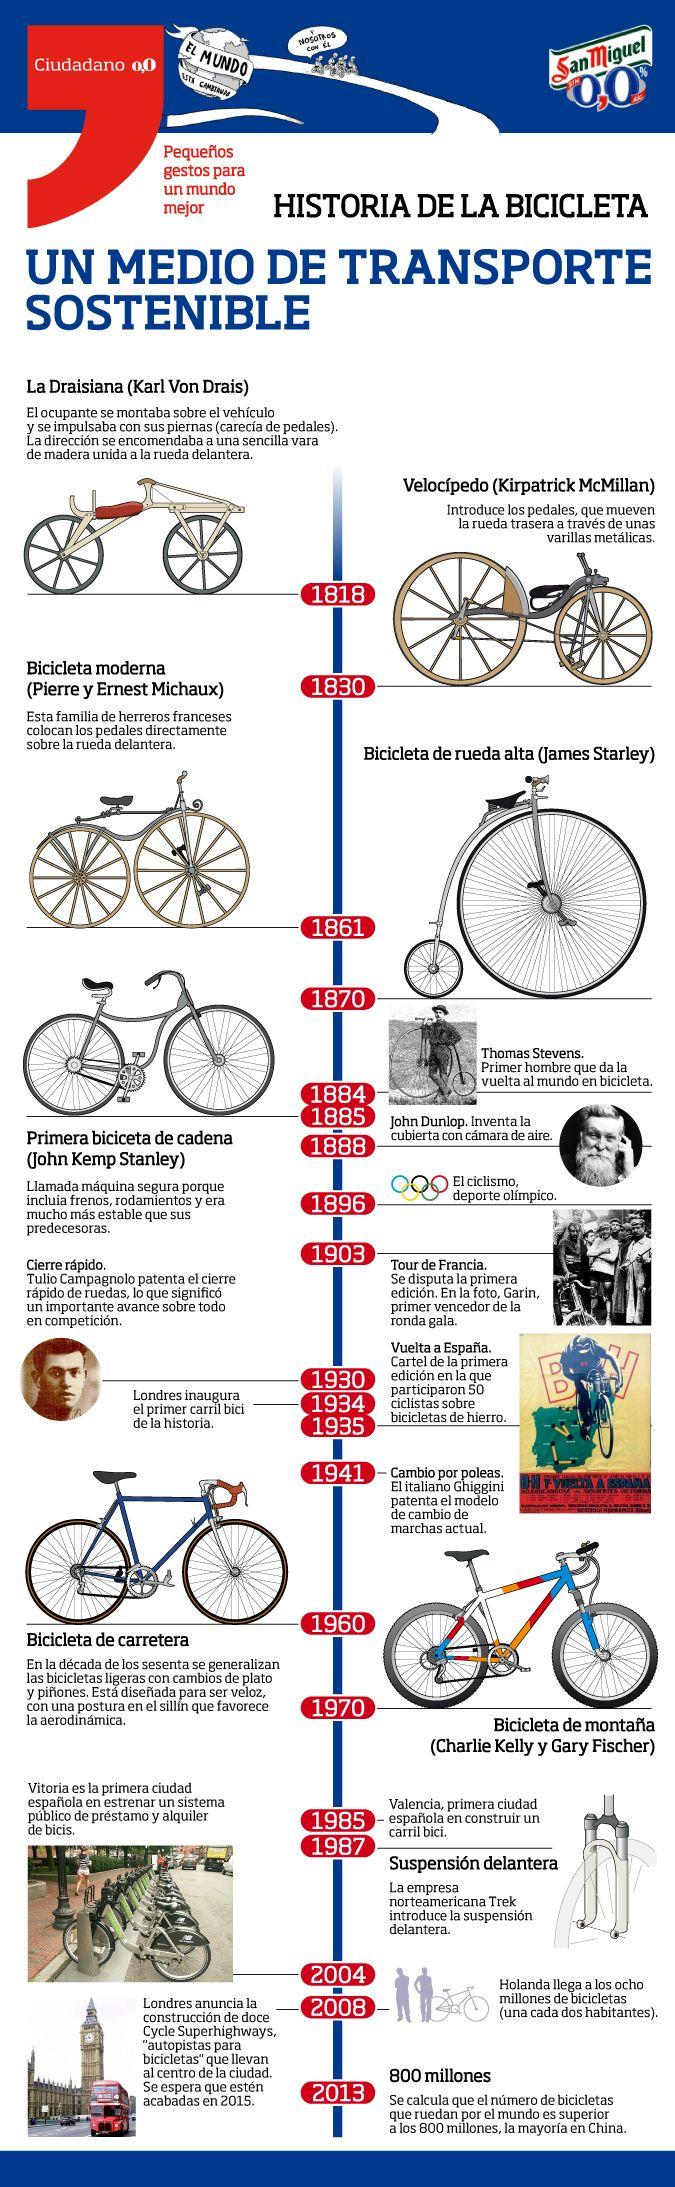 Historia de la bicicleta  excelente infografía  sobre la historia de la bicicleta. cortesía de ciudadano 0,0